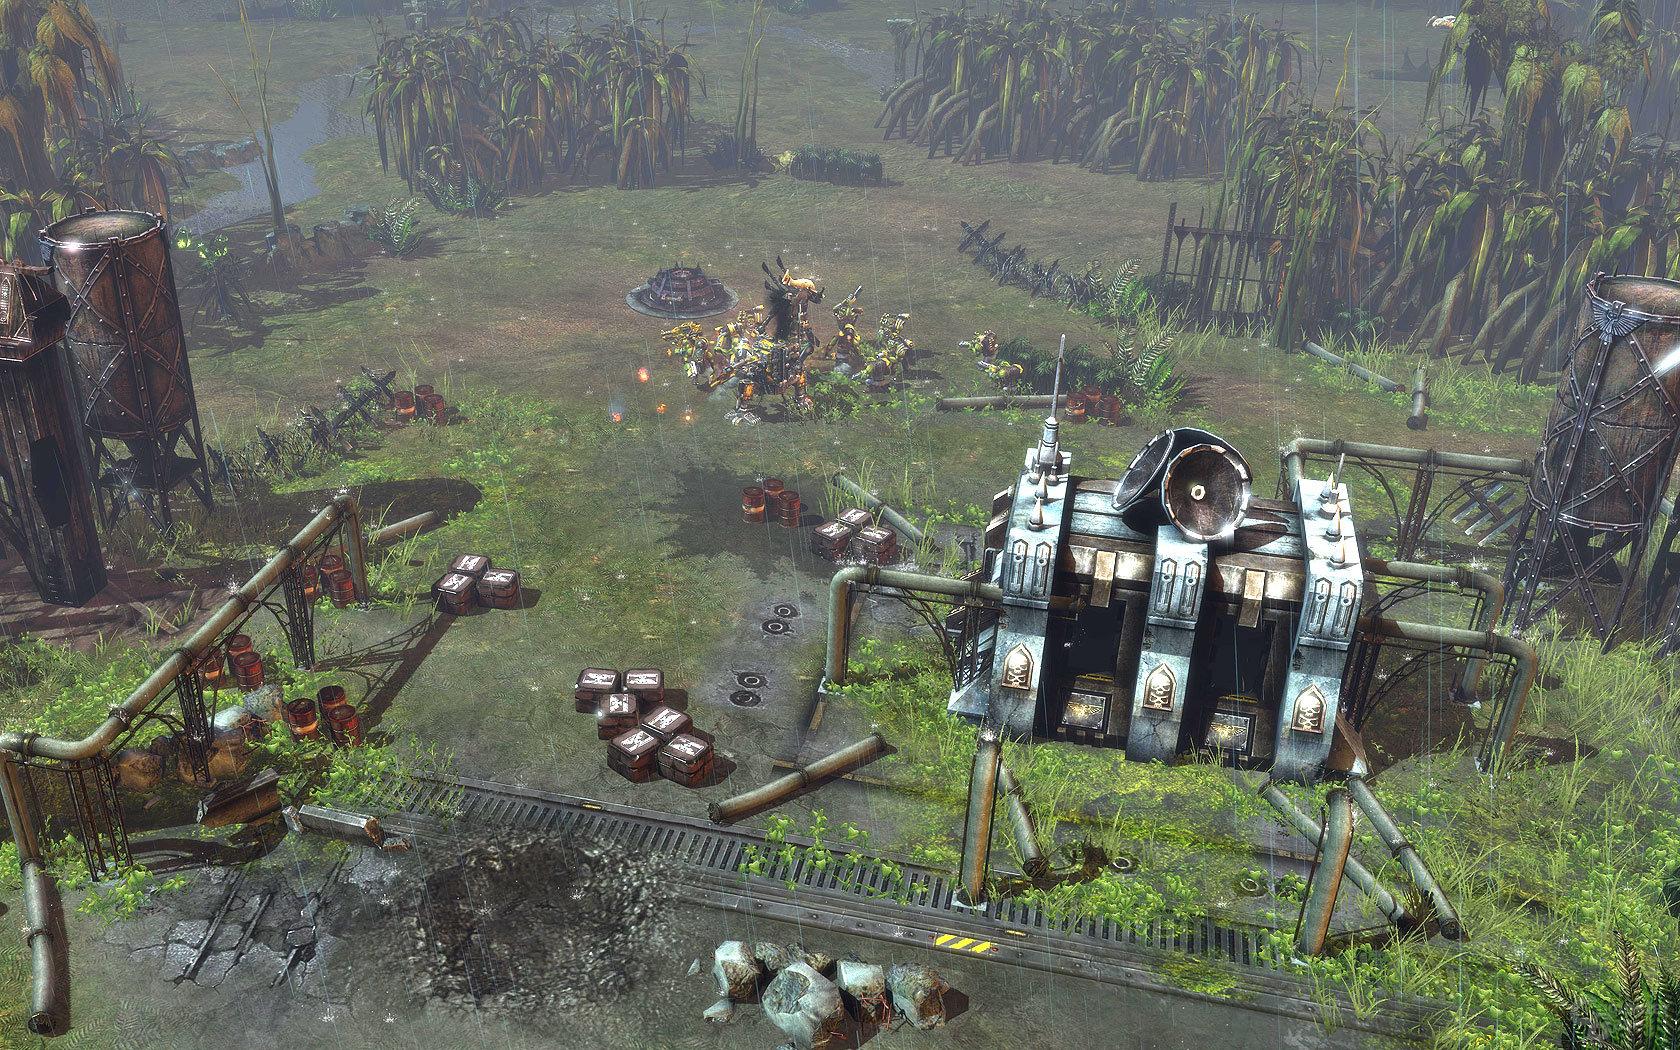 Tiber Outpost